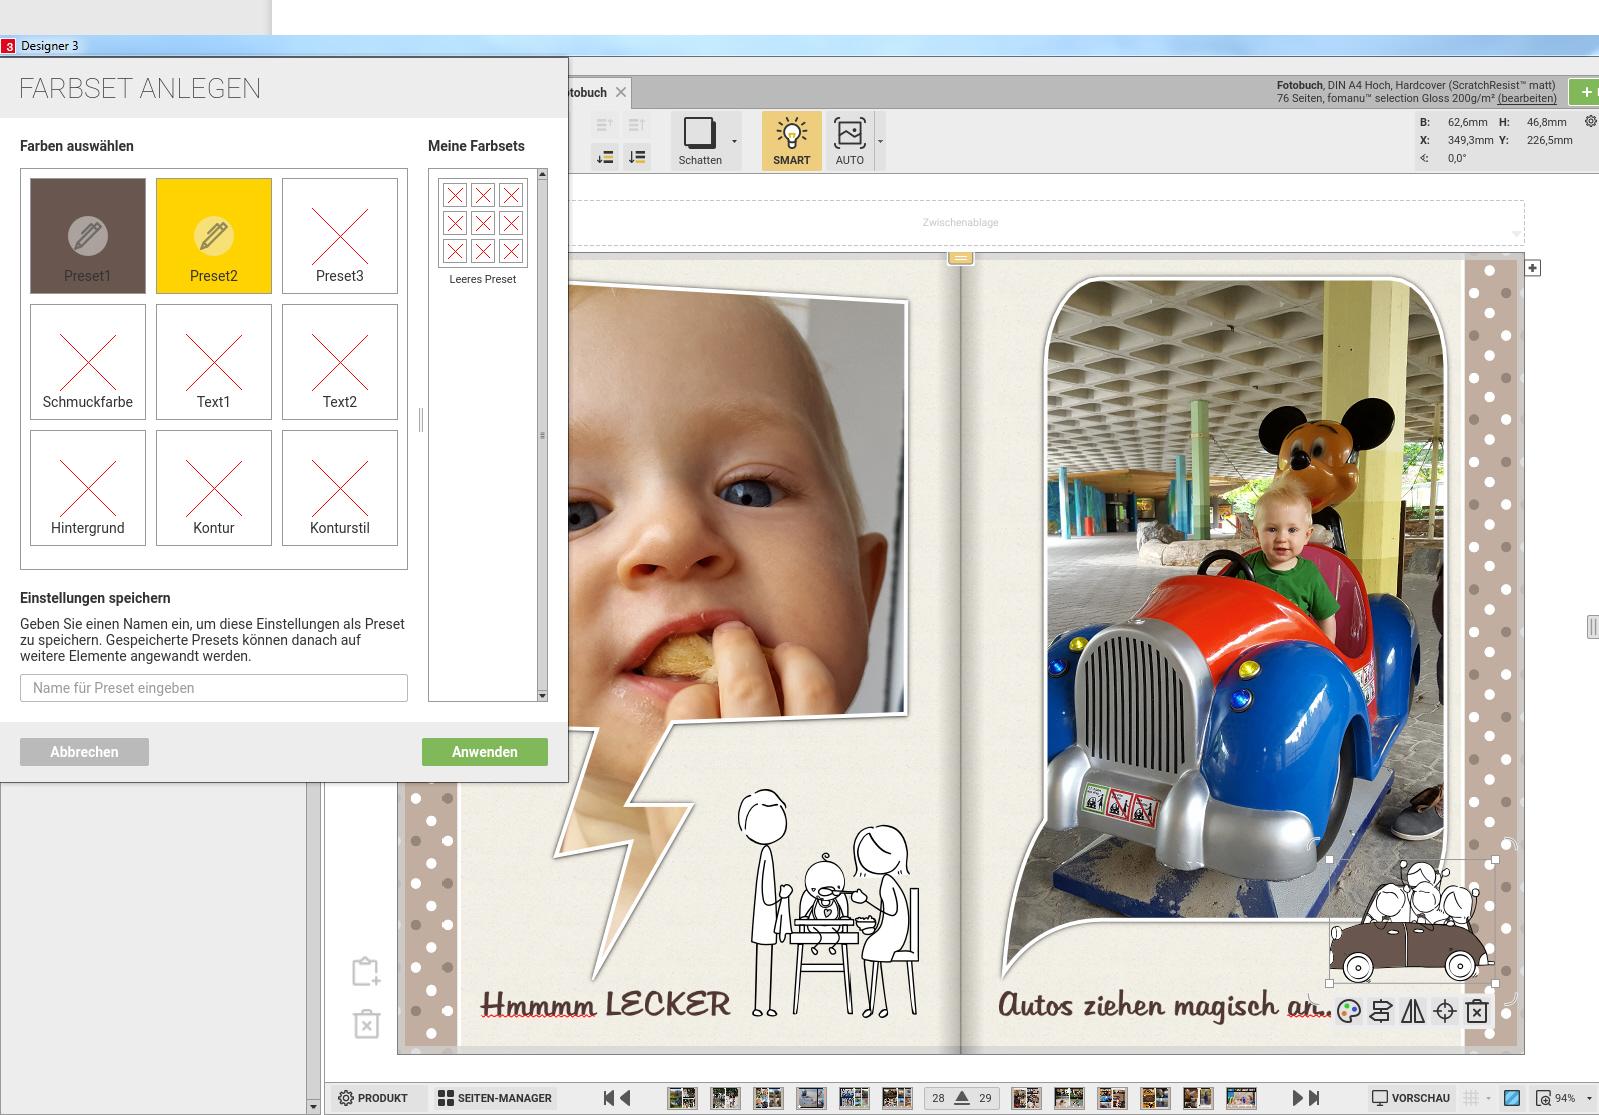 Sticker können einfach den eigenen Farbwünschen angepasst werden. Texte in den Stickern sind nicht statisch, sondern können verändert werden. Bei vielen Fotobuchgestaltern sind die Sticker statisch.